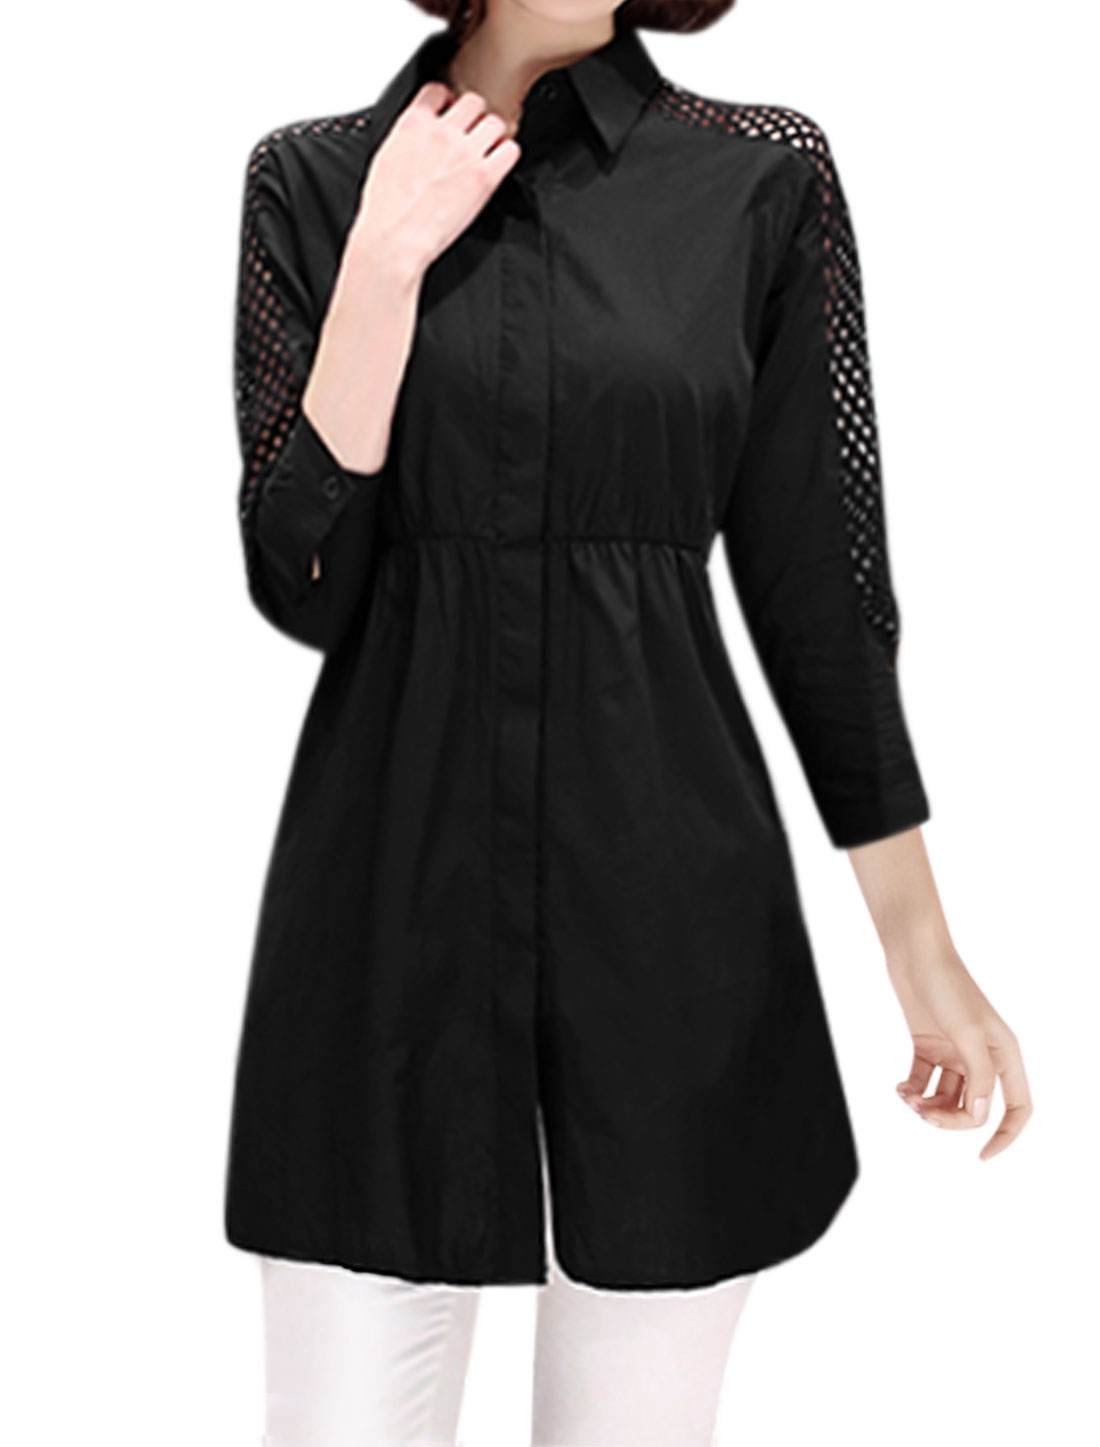 Women Semi Sheer Sleeves Mesh Panel Shirred Waist Tunic Shirt Black S